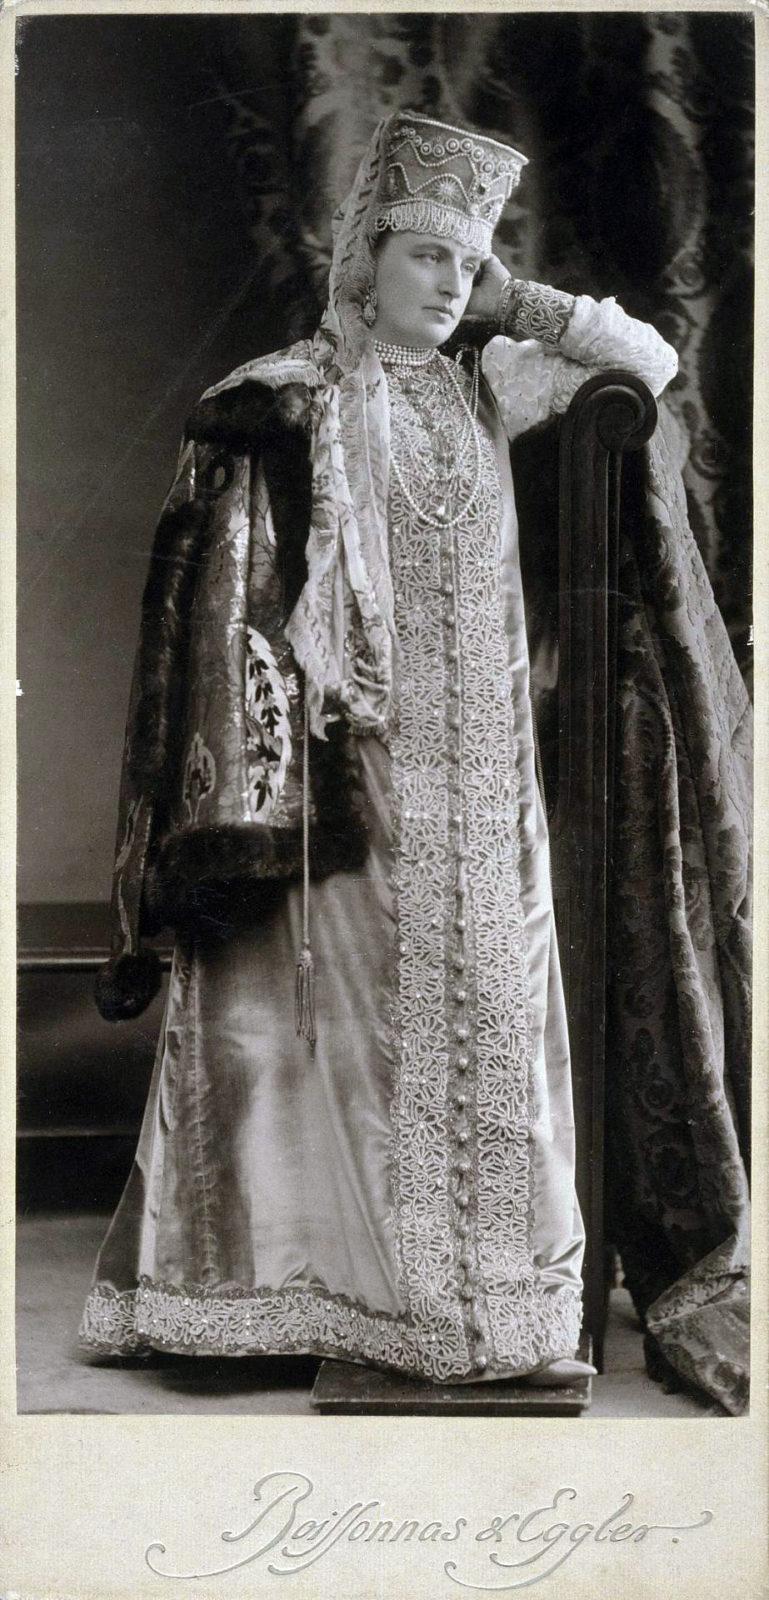 Countess Elena Mikhailovna Tolstaya, born. Chertkova (Boyaryn XVII century)